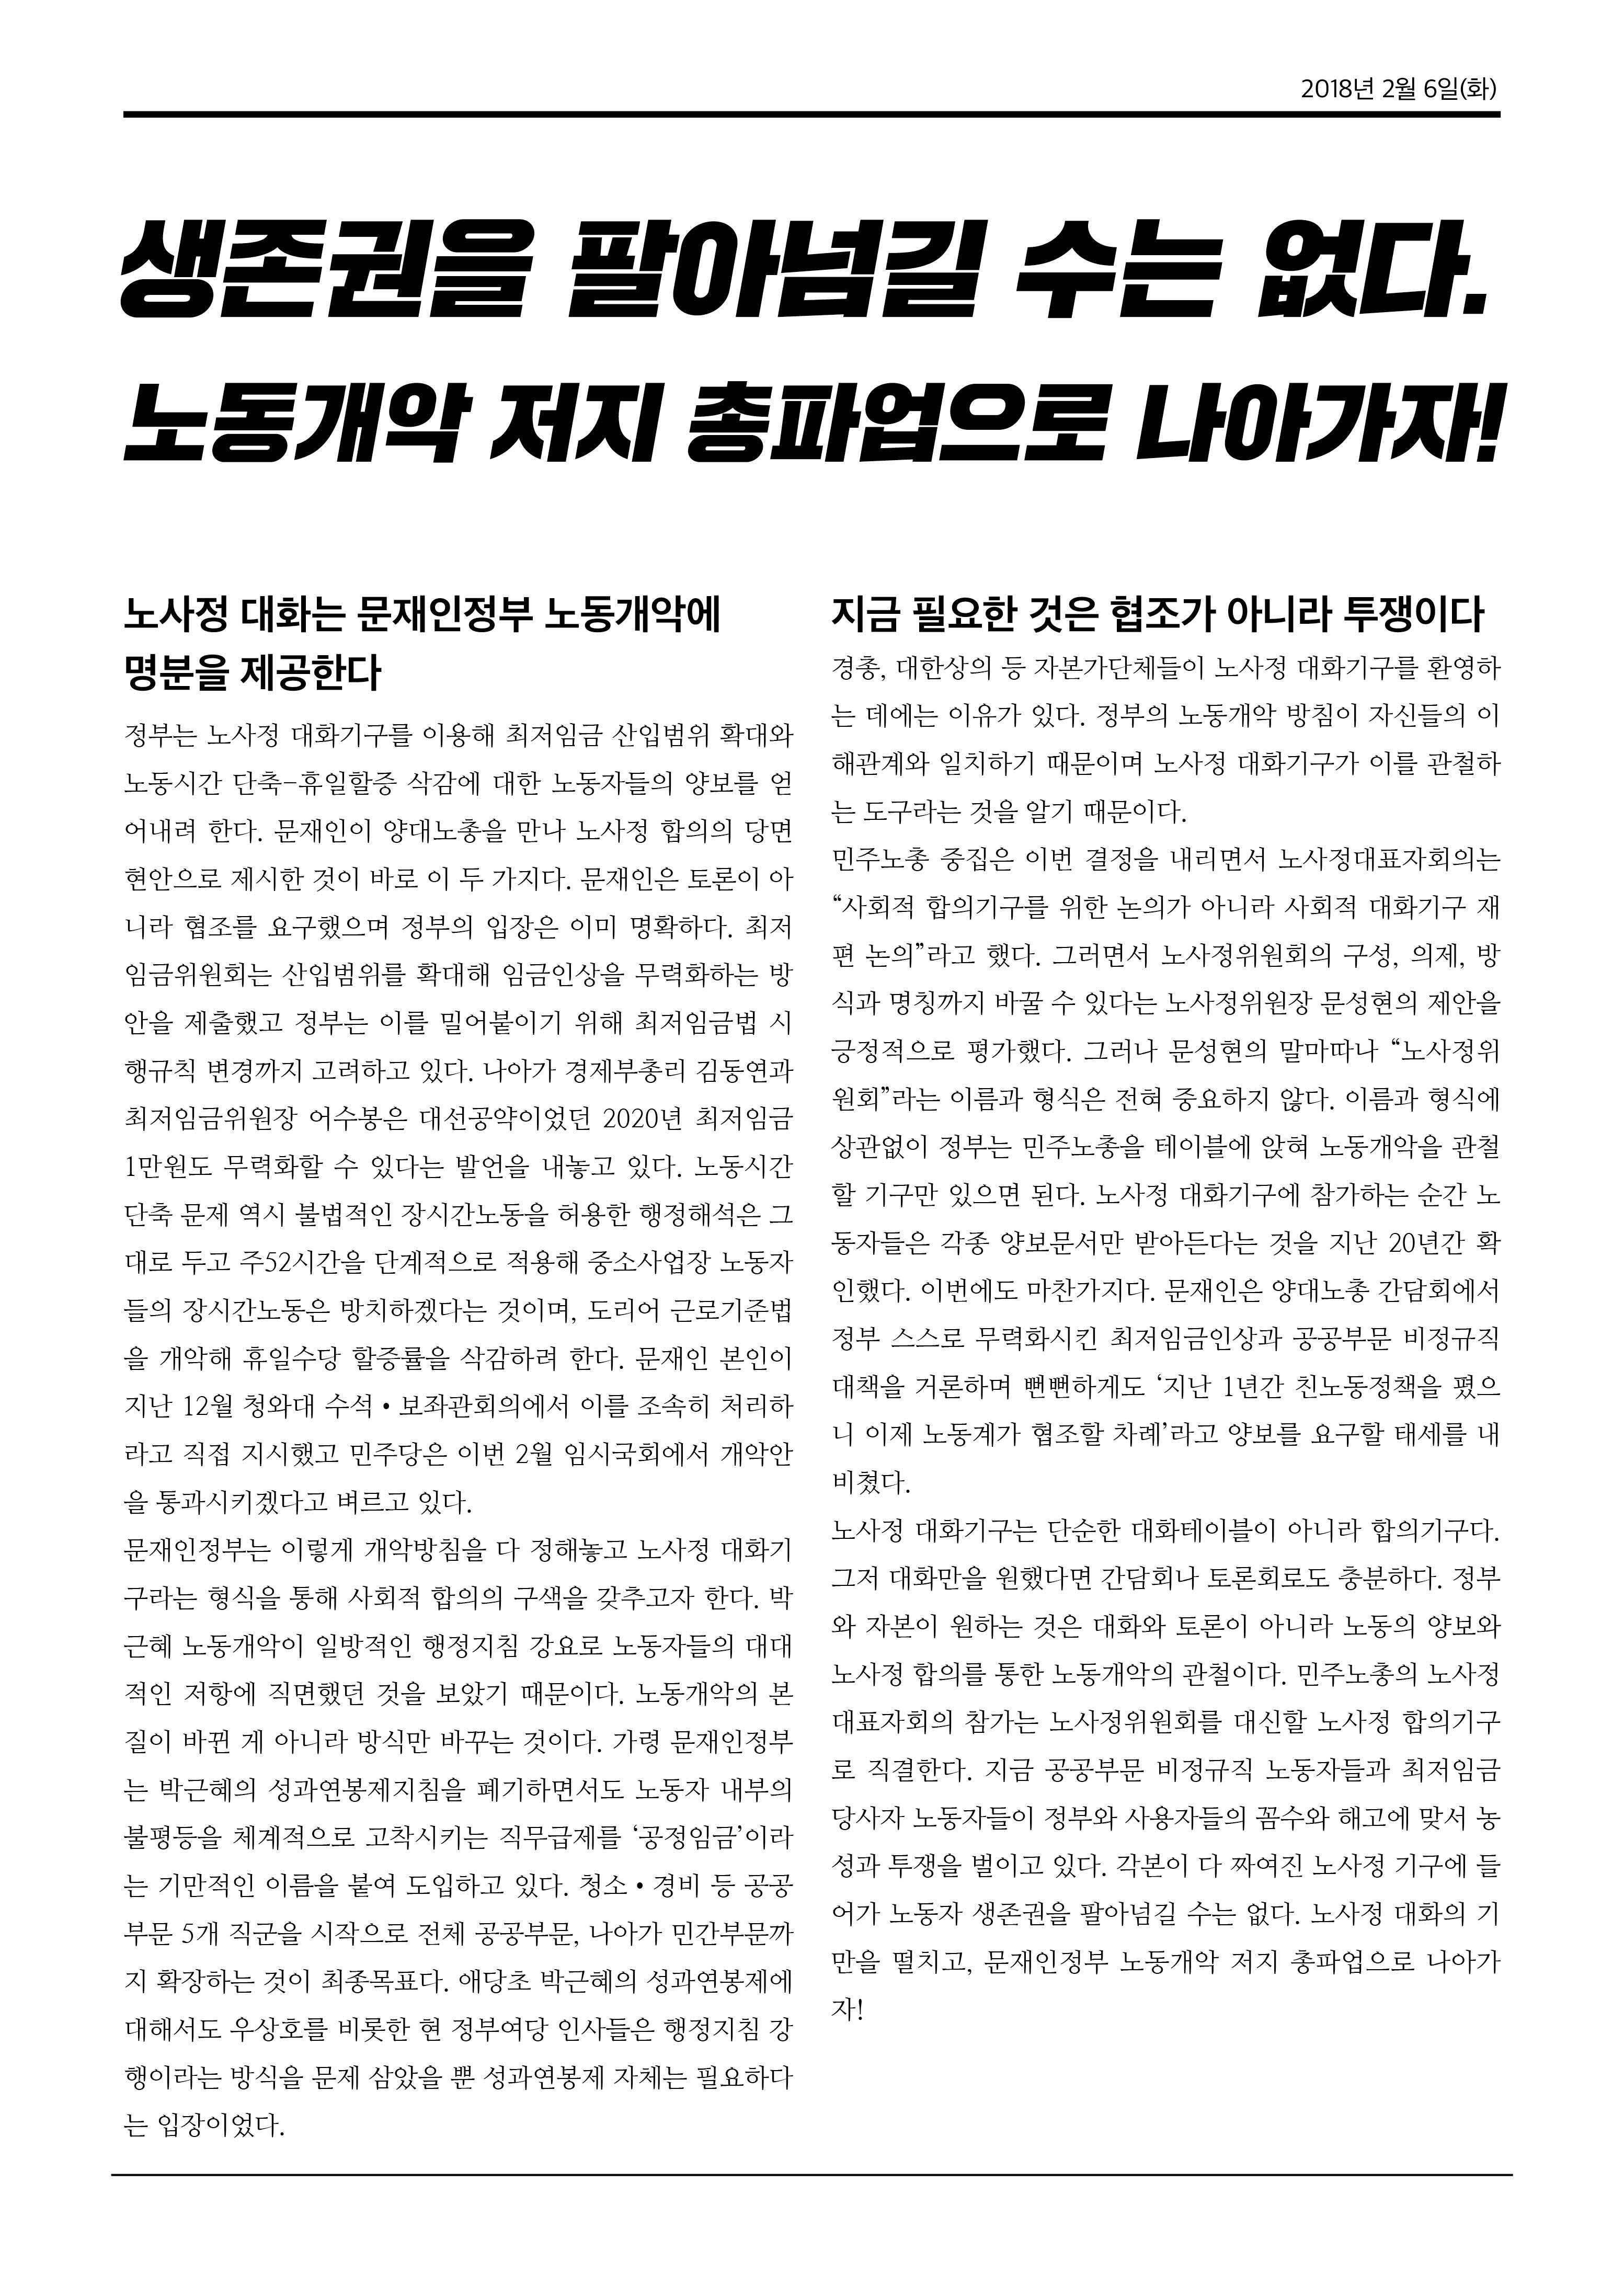 민주노총 대대 유인물 수정 끝2.jpg